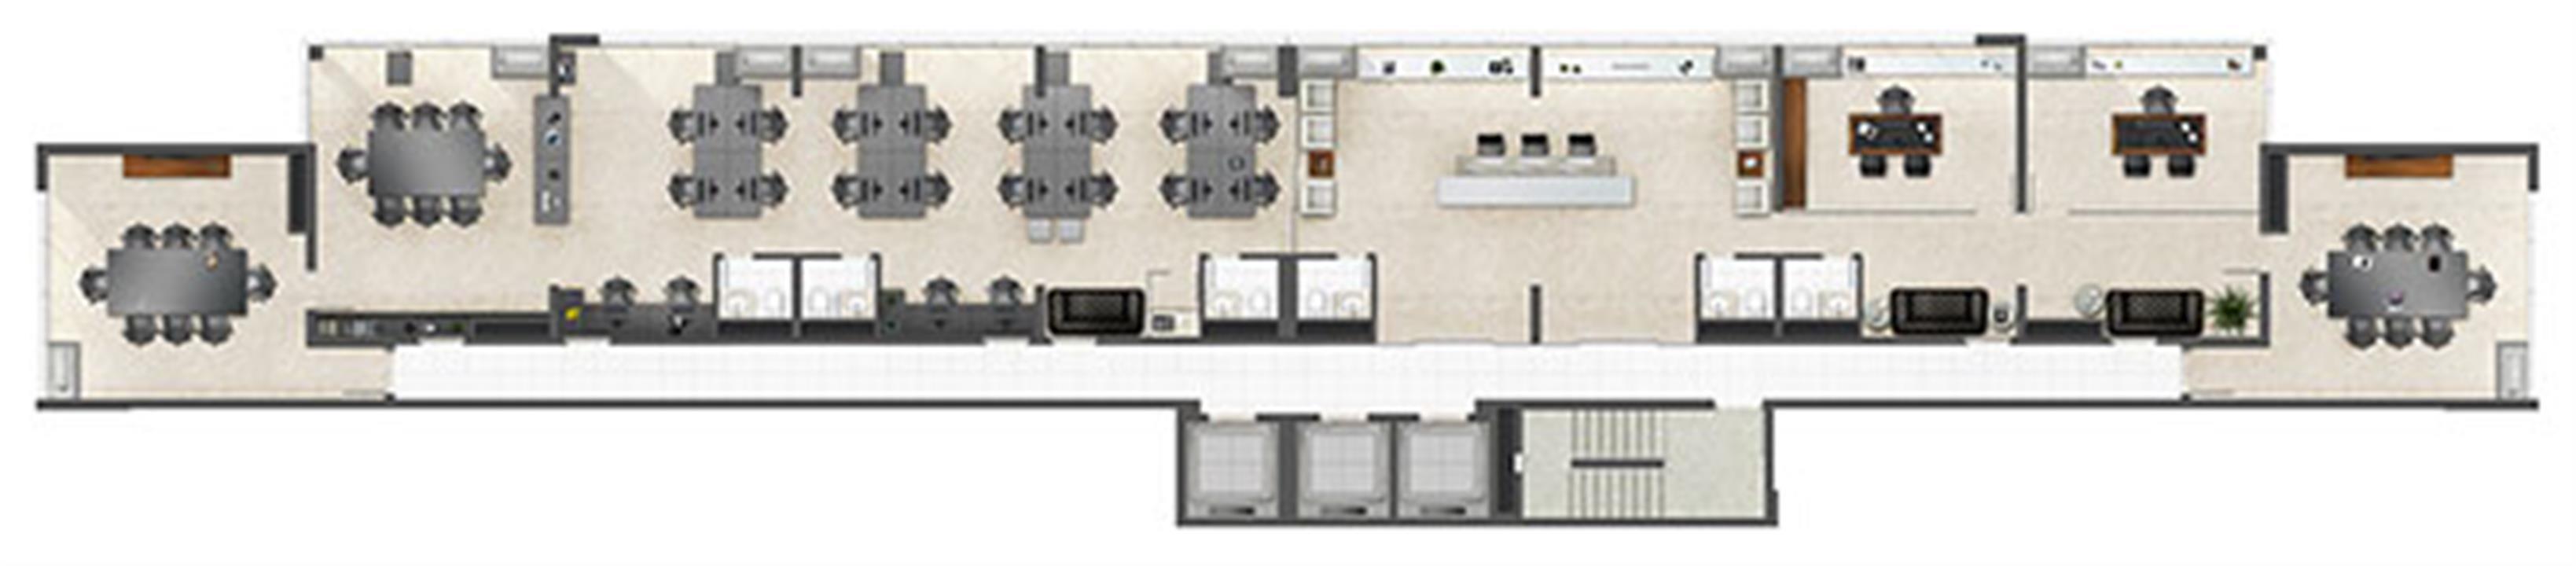 Junção comercial 352m² Advocacia | Axis - Office – Salas Comerciaisno  Altos de Petrópolis - Porto Alegre - Rio Grande do Sul